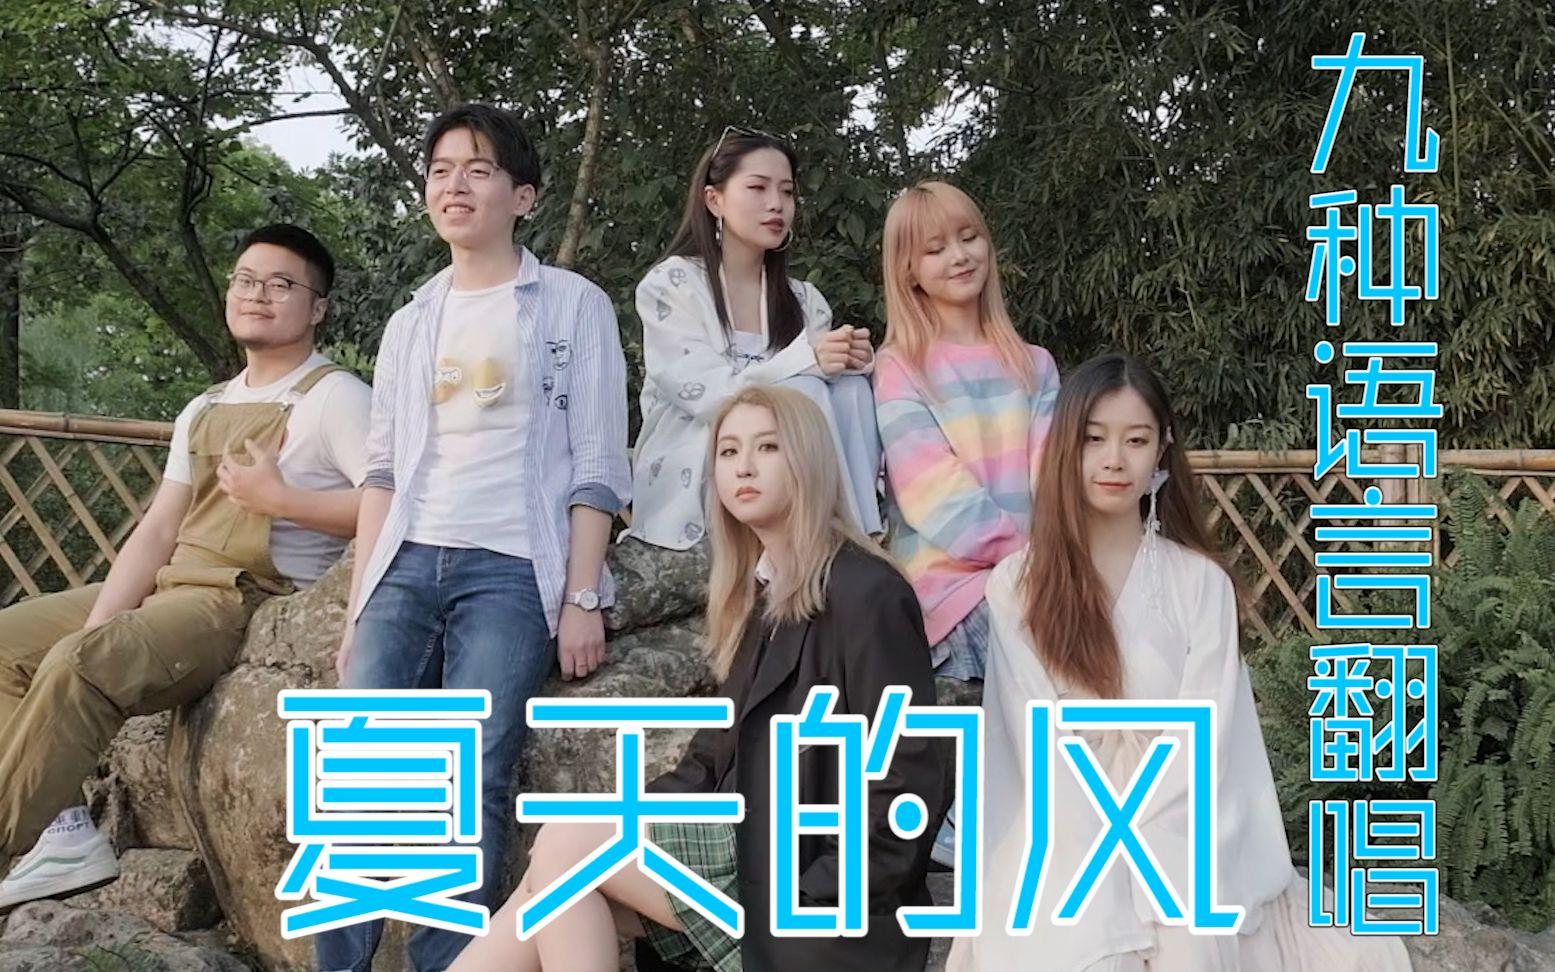 九种语言版《夏天的风》让全世界听懂中文歌!【飞鸟乐团】